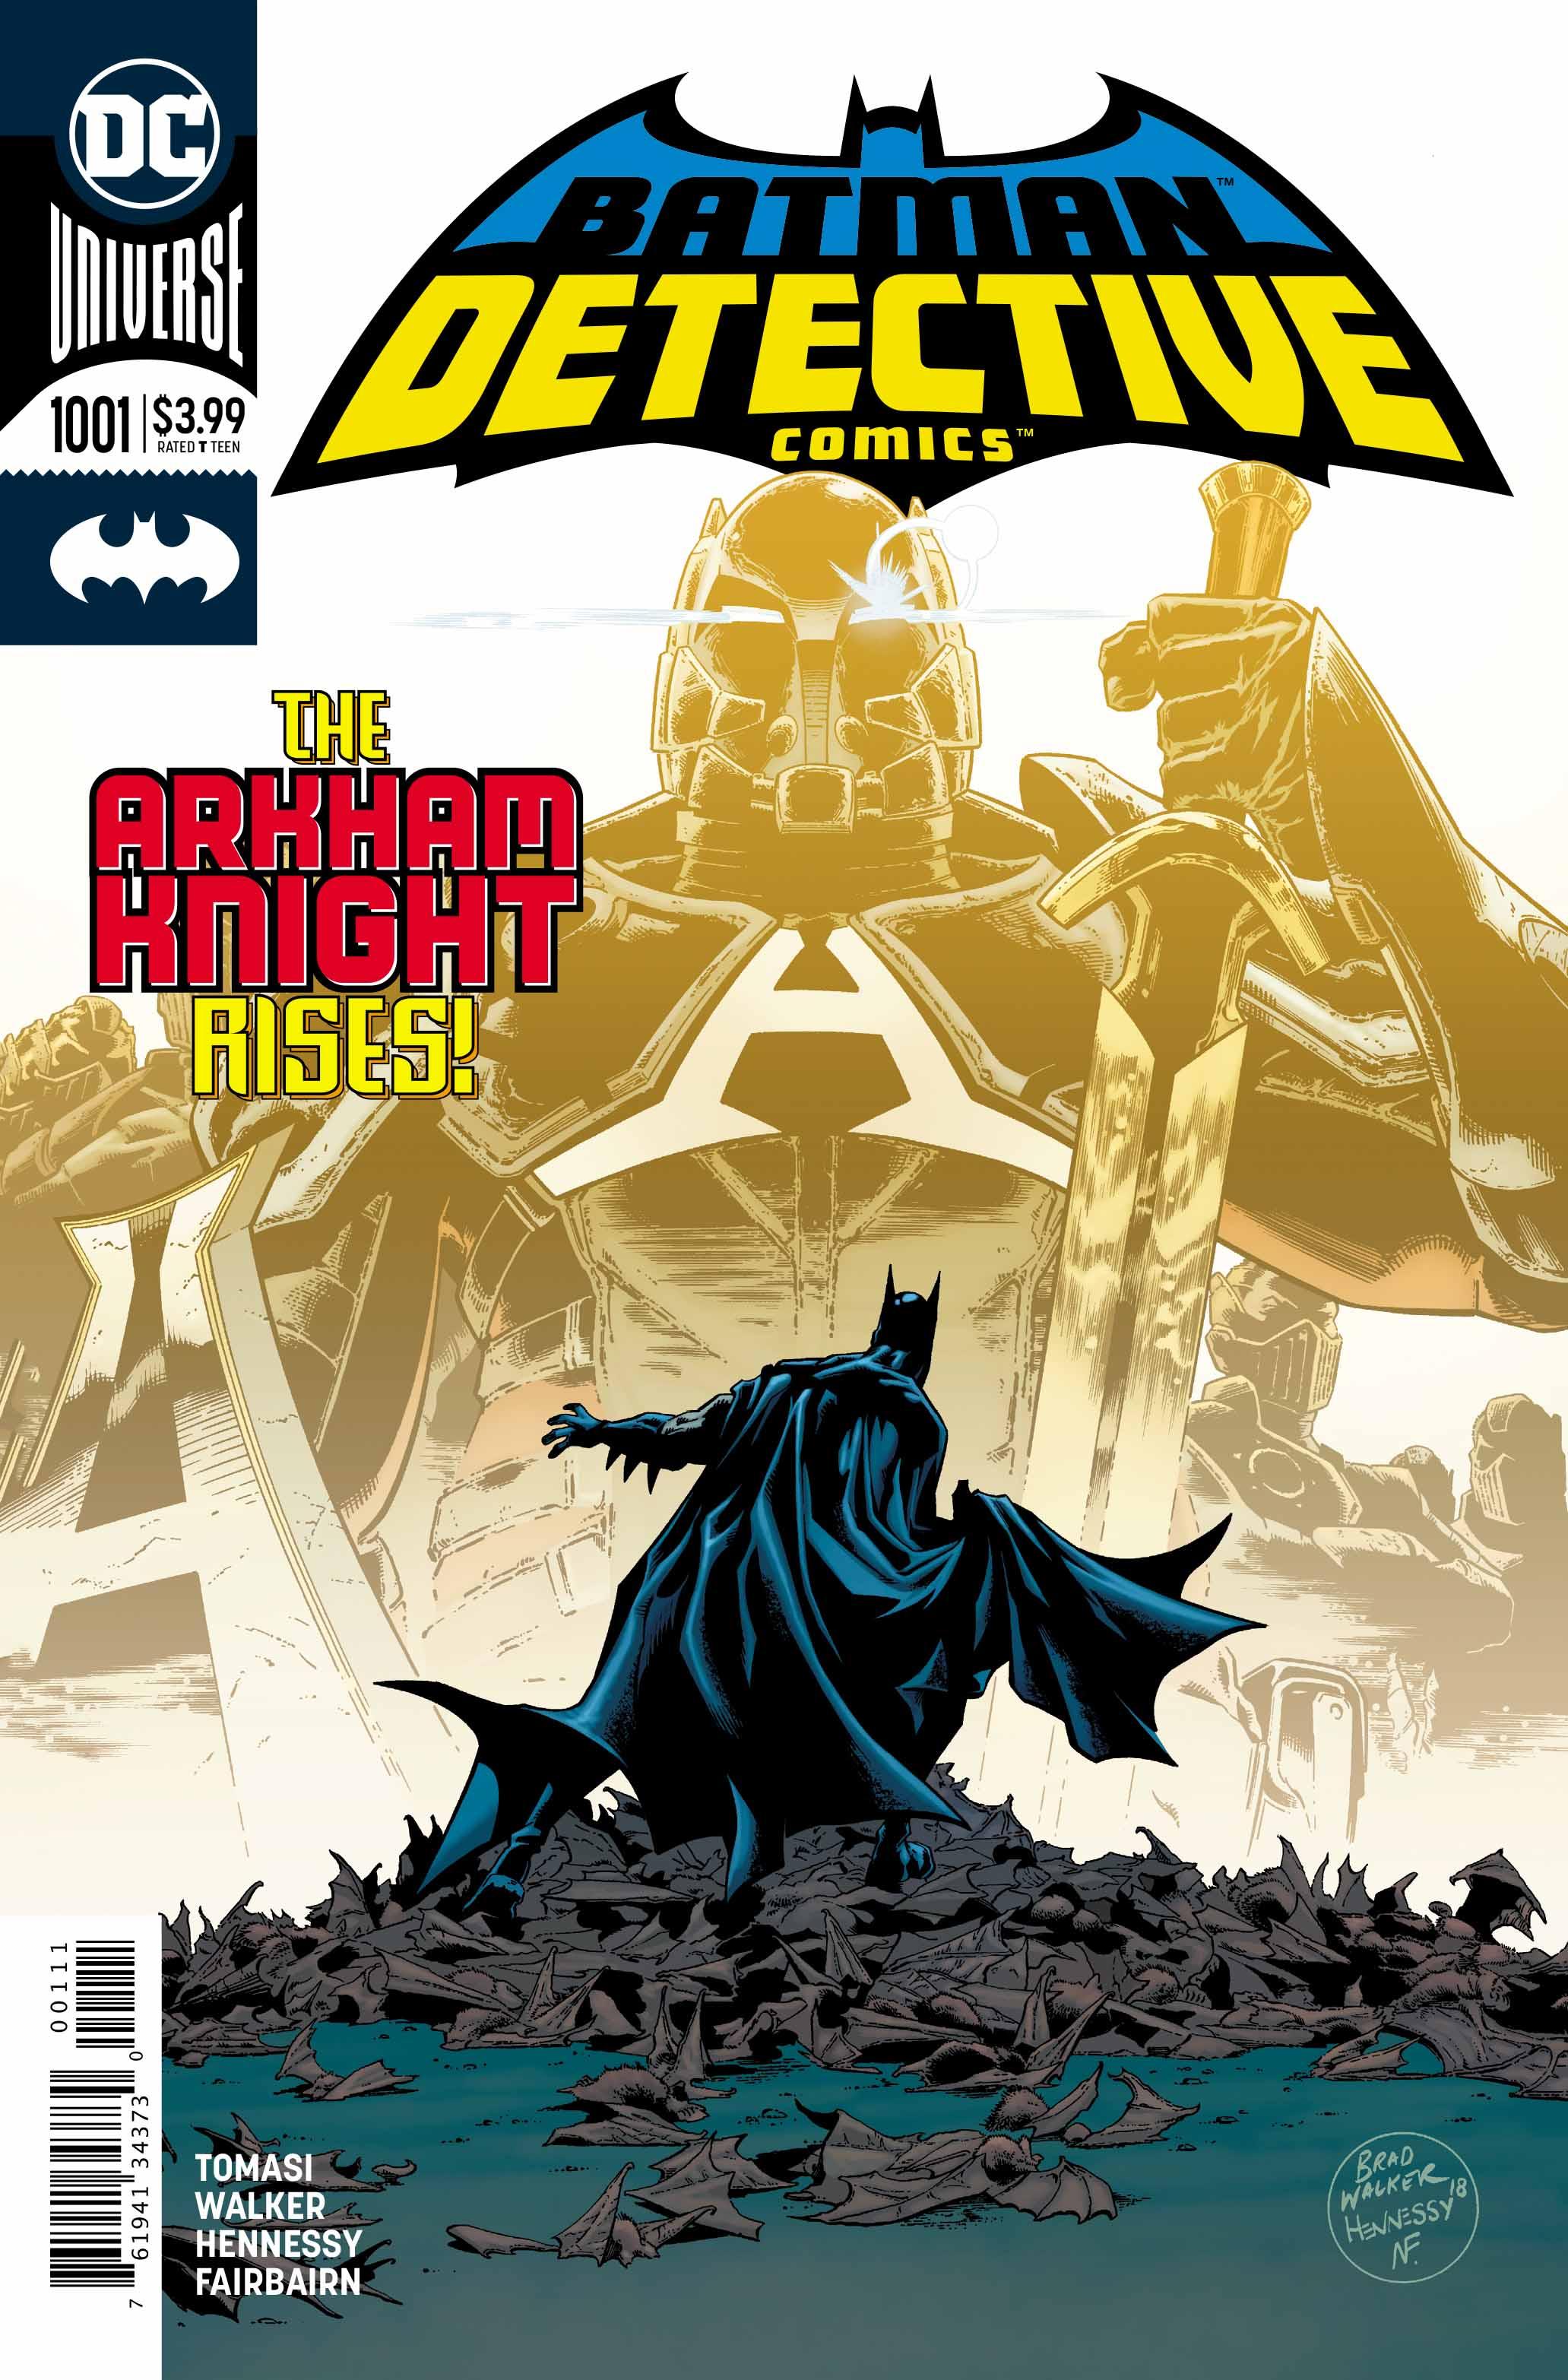 Preview: Detective Comics #1001